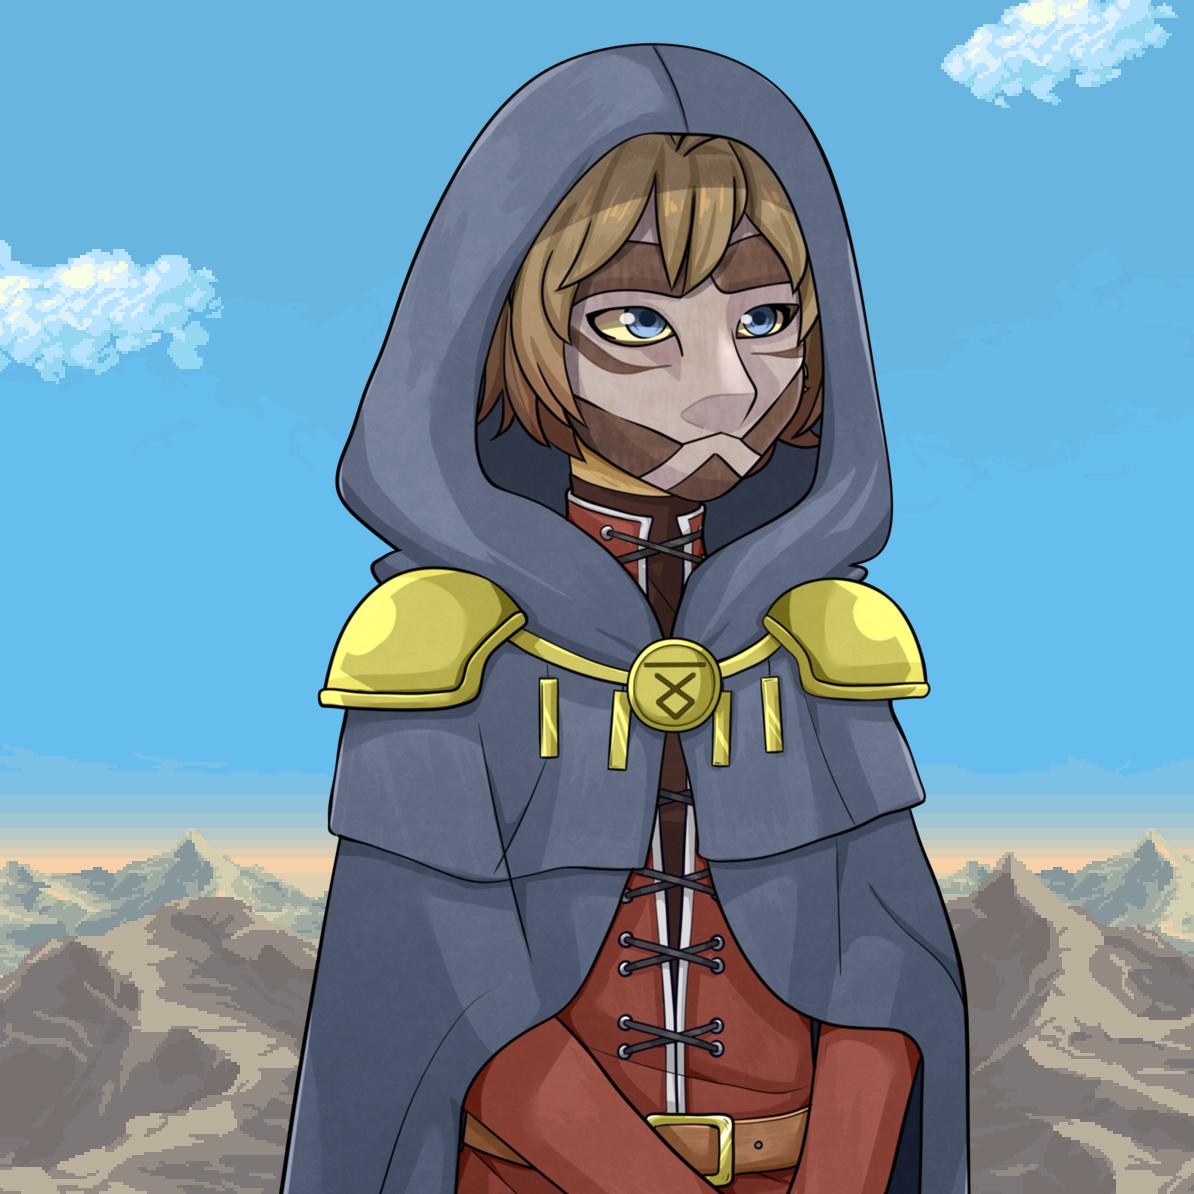 Eniko: Ghosts Of Grace - Eniko character art